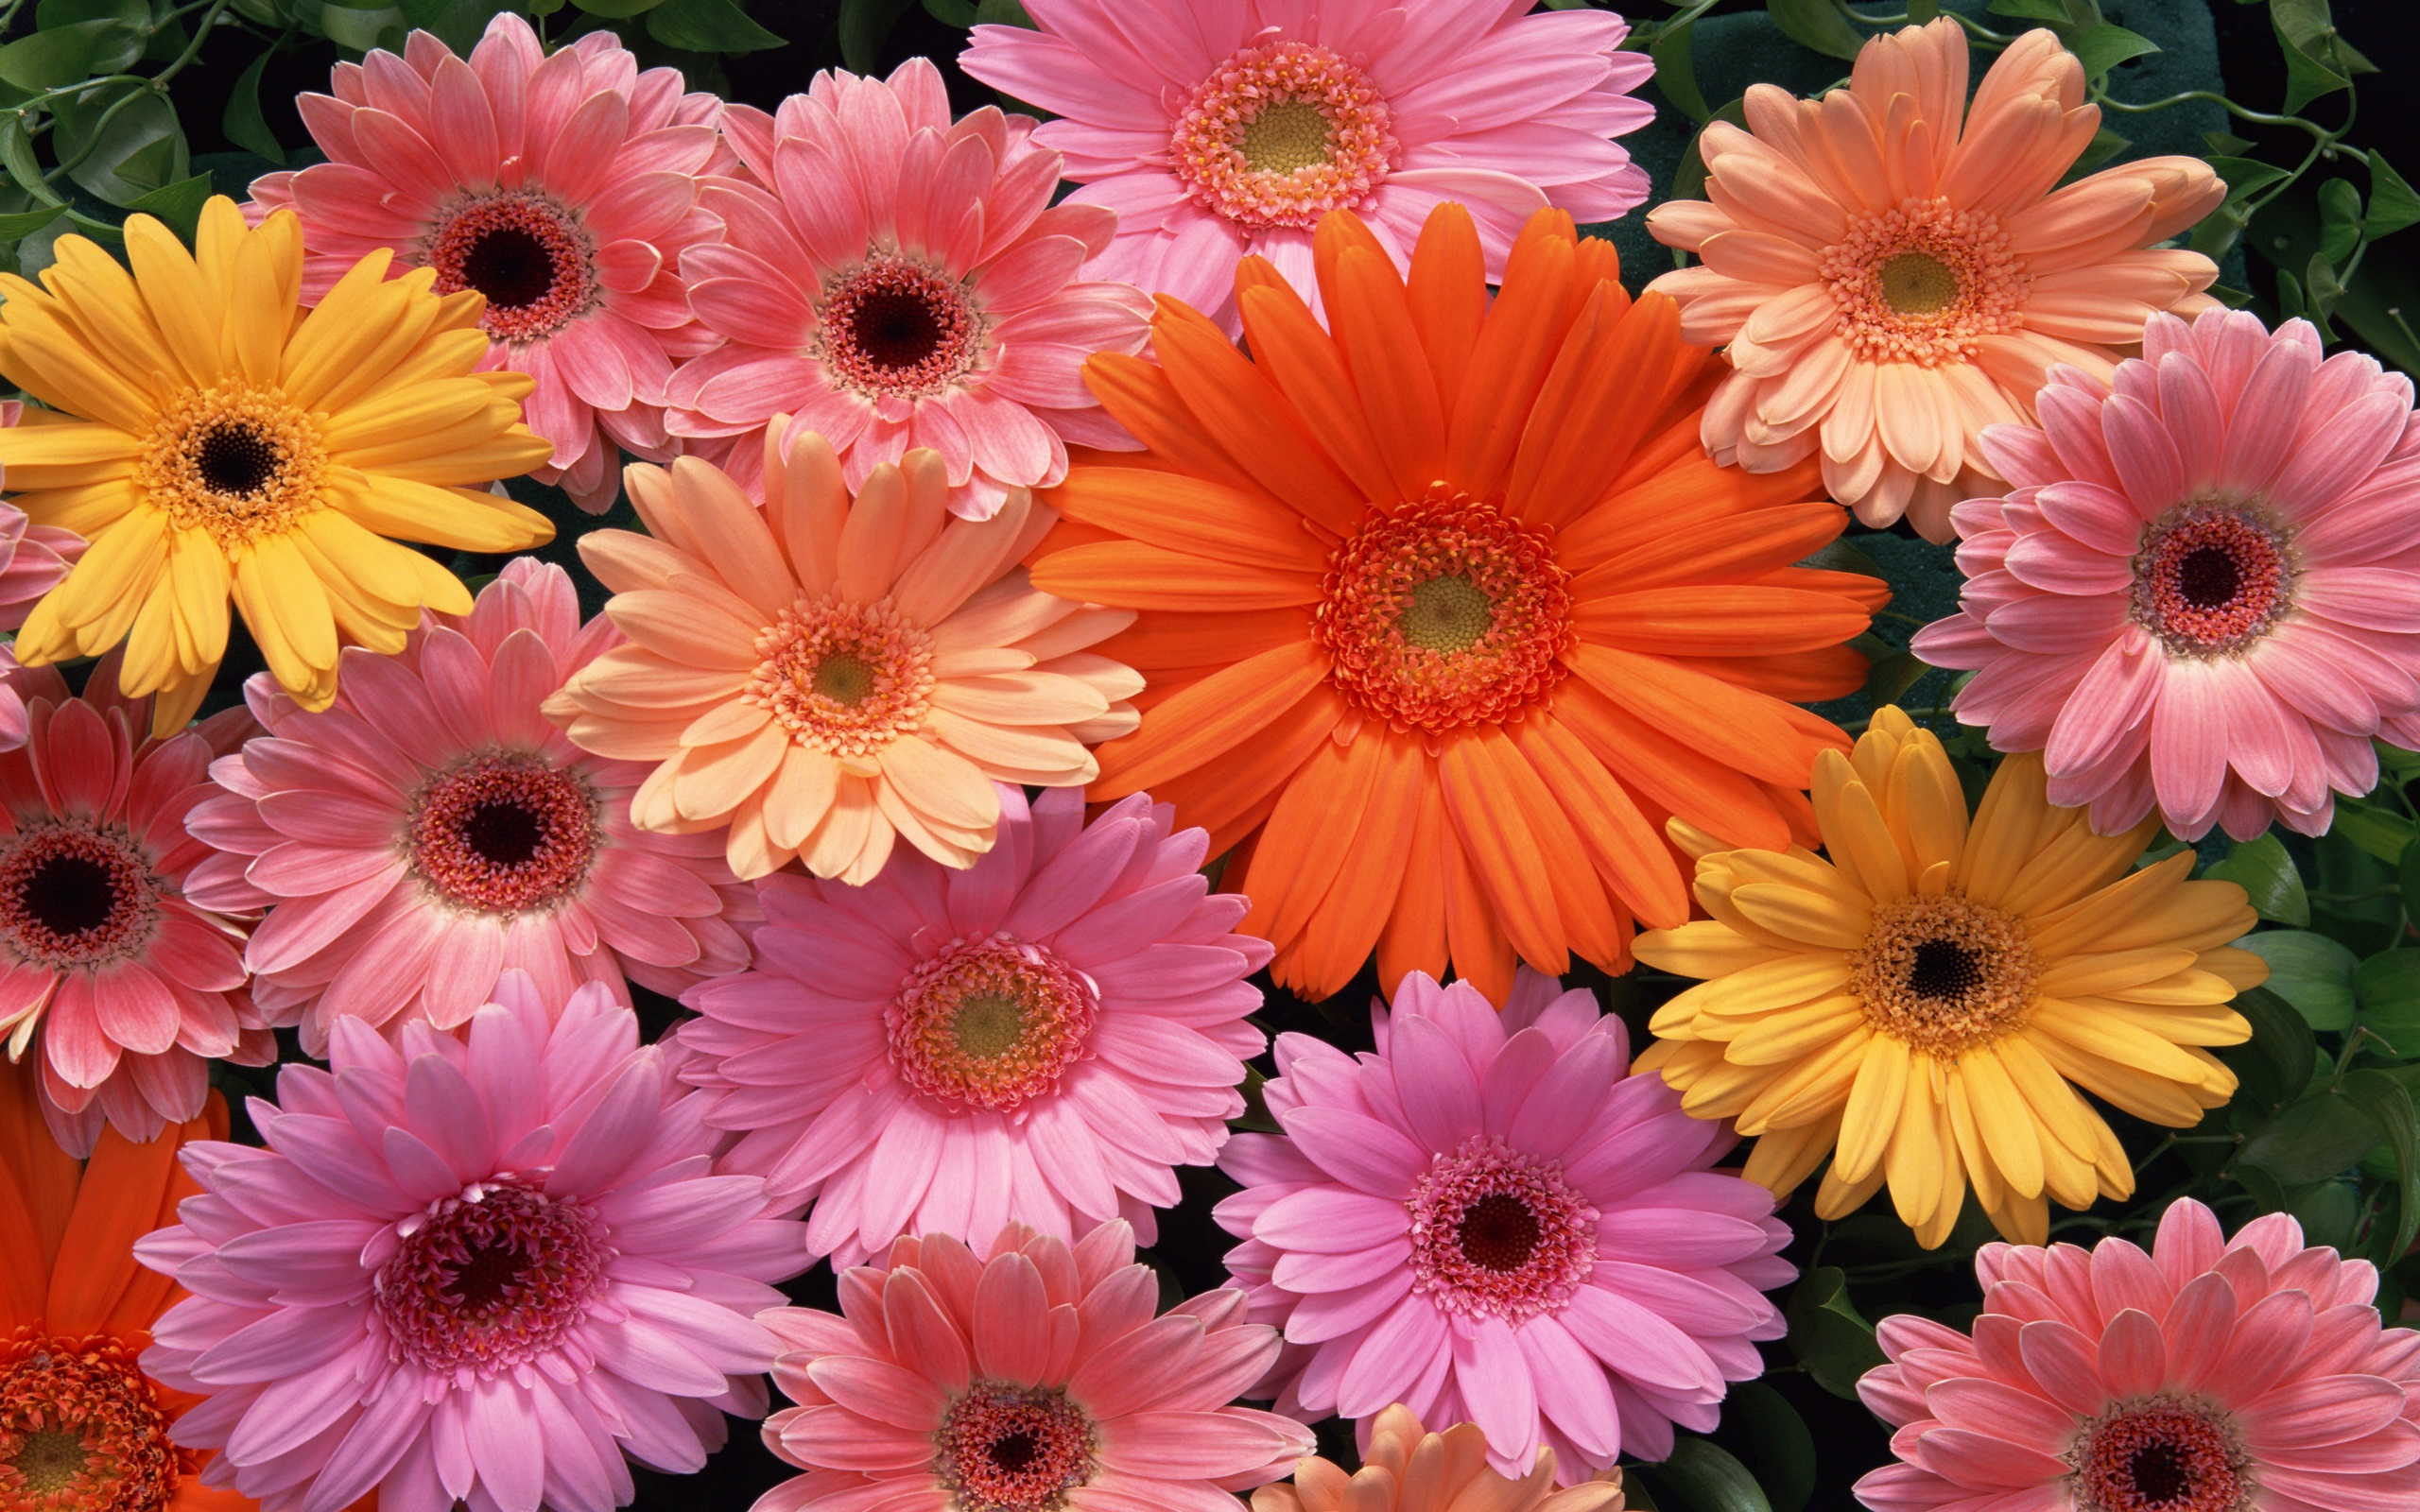 Download flower images jpg transparent library Beautiful Flower Images Download Background 1 HD Wallpapers ... jpg transparent library